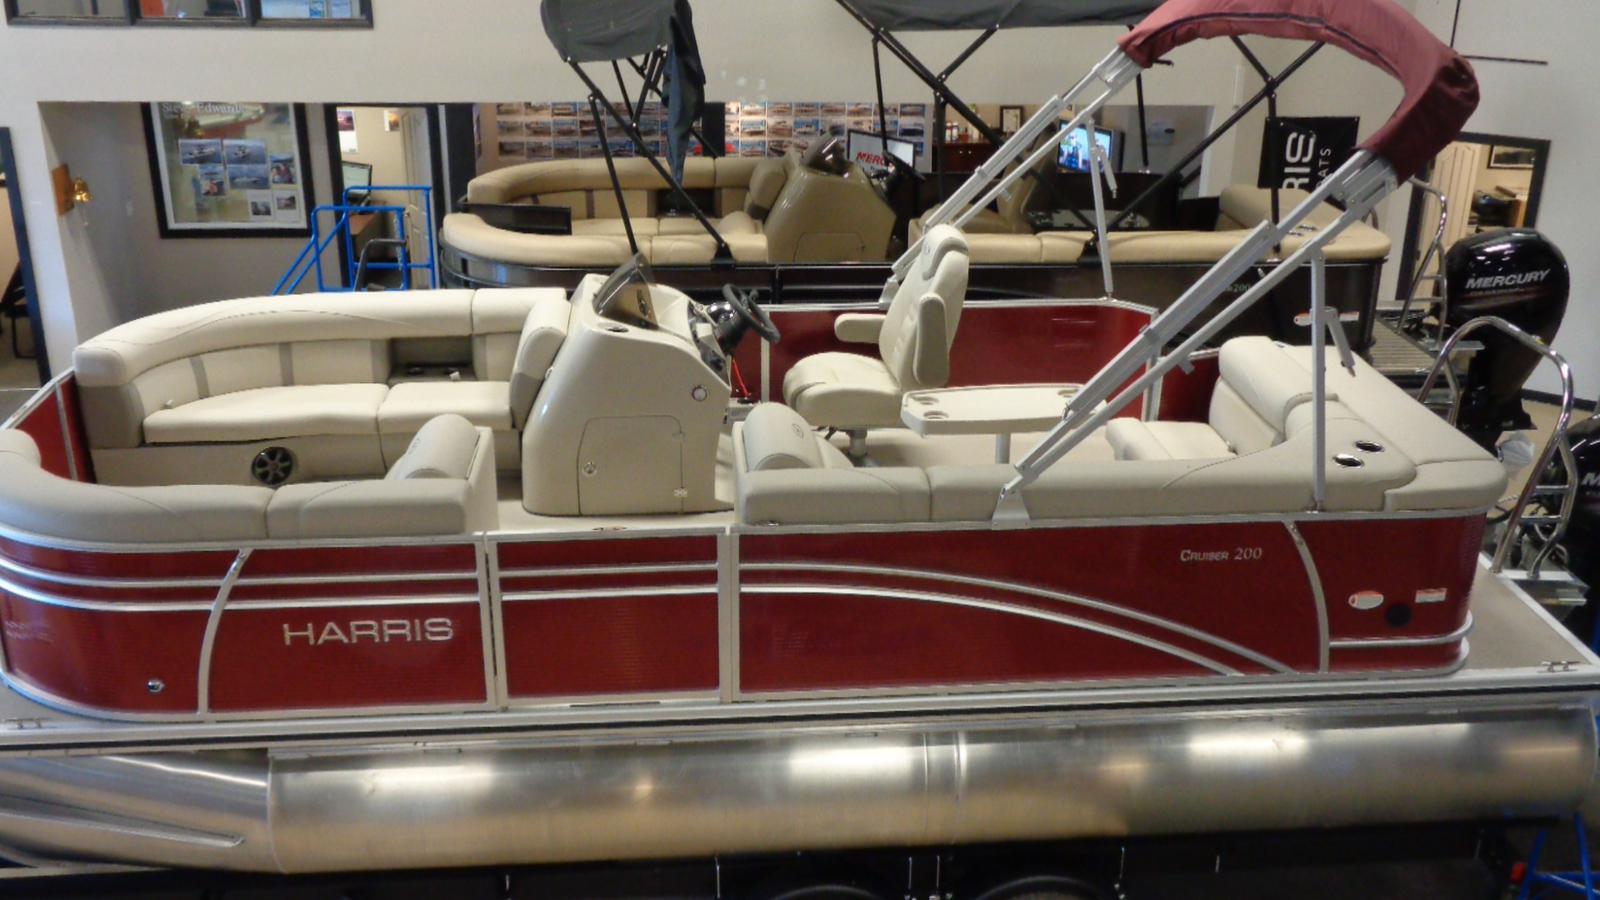 For Sale: 2019 Harris Cruiser 200 23ft<br/>Dockside Marine Centre, LTD.